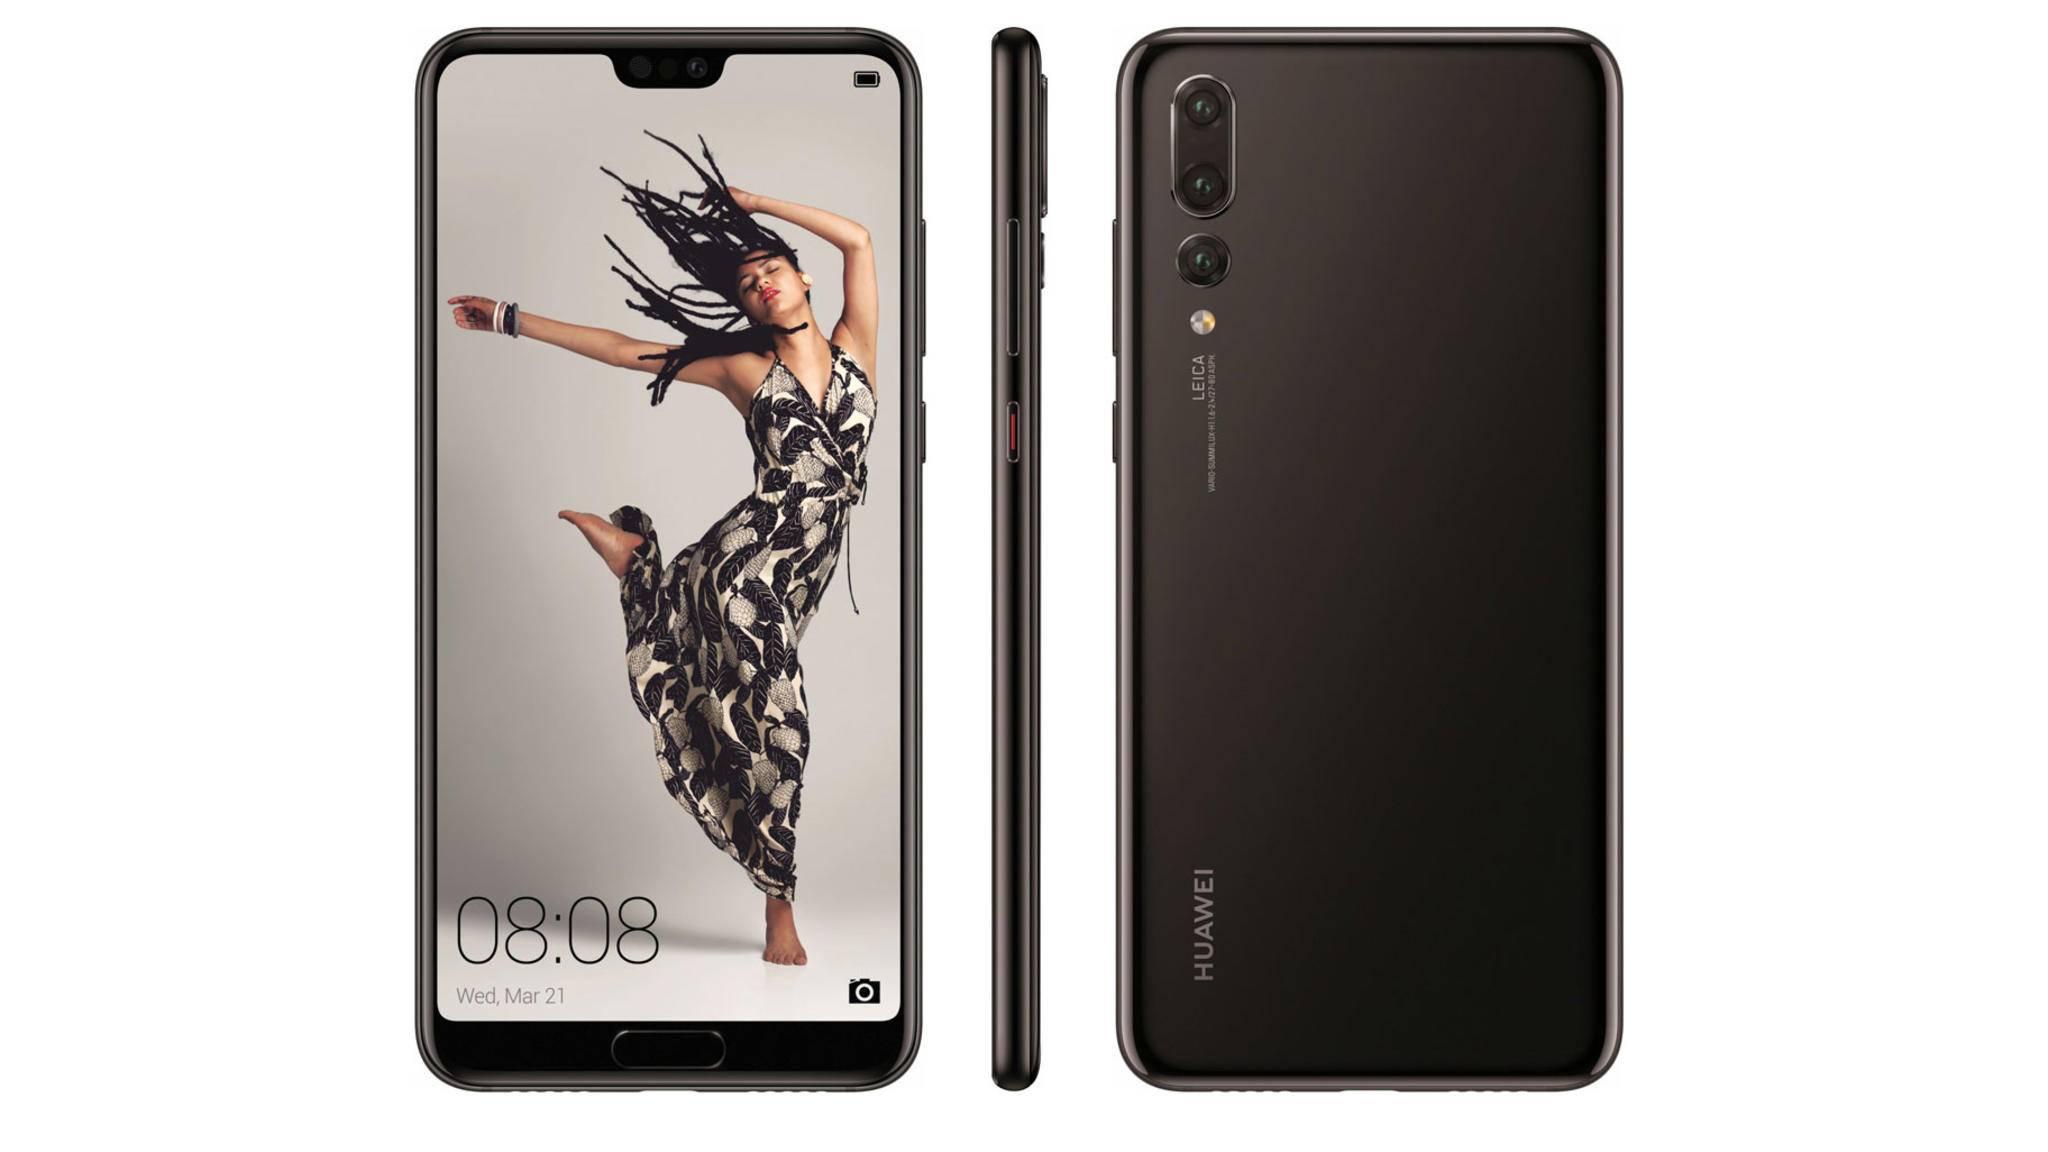 Nur das Huawei P20 Pro soll eine Triple-Kamera besitzen.